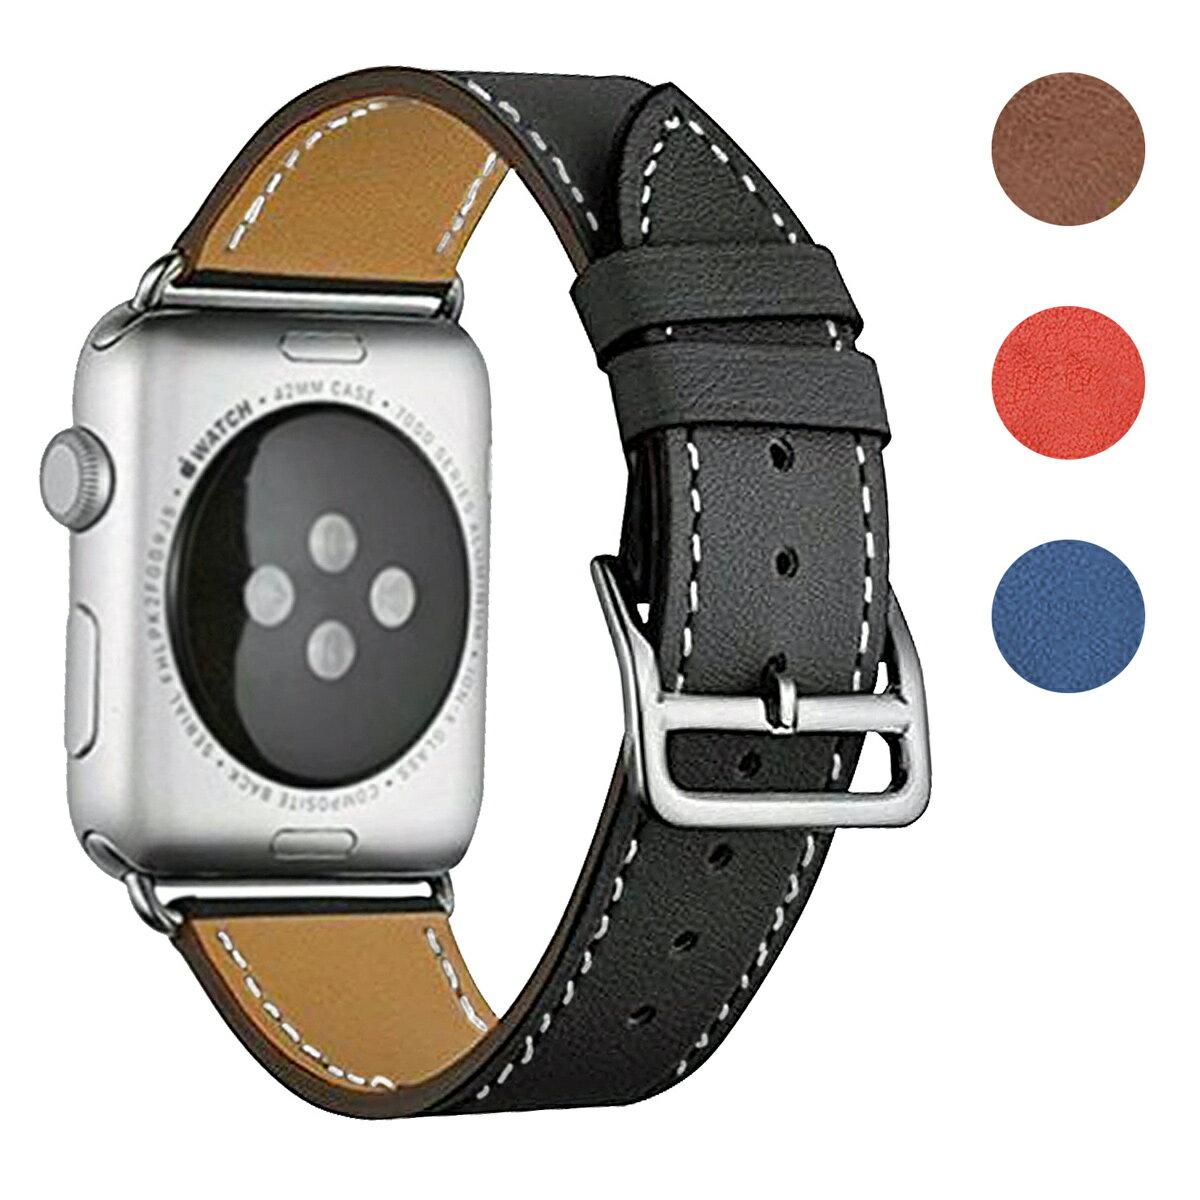 アップルウォッチ バンド 本革 レザーベルト コンパチブル 38mm 40mm 42mm 44mm applewatch 1.2.3.4対応